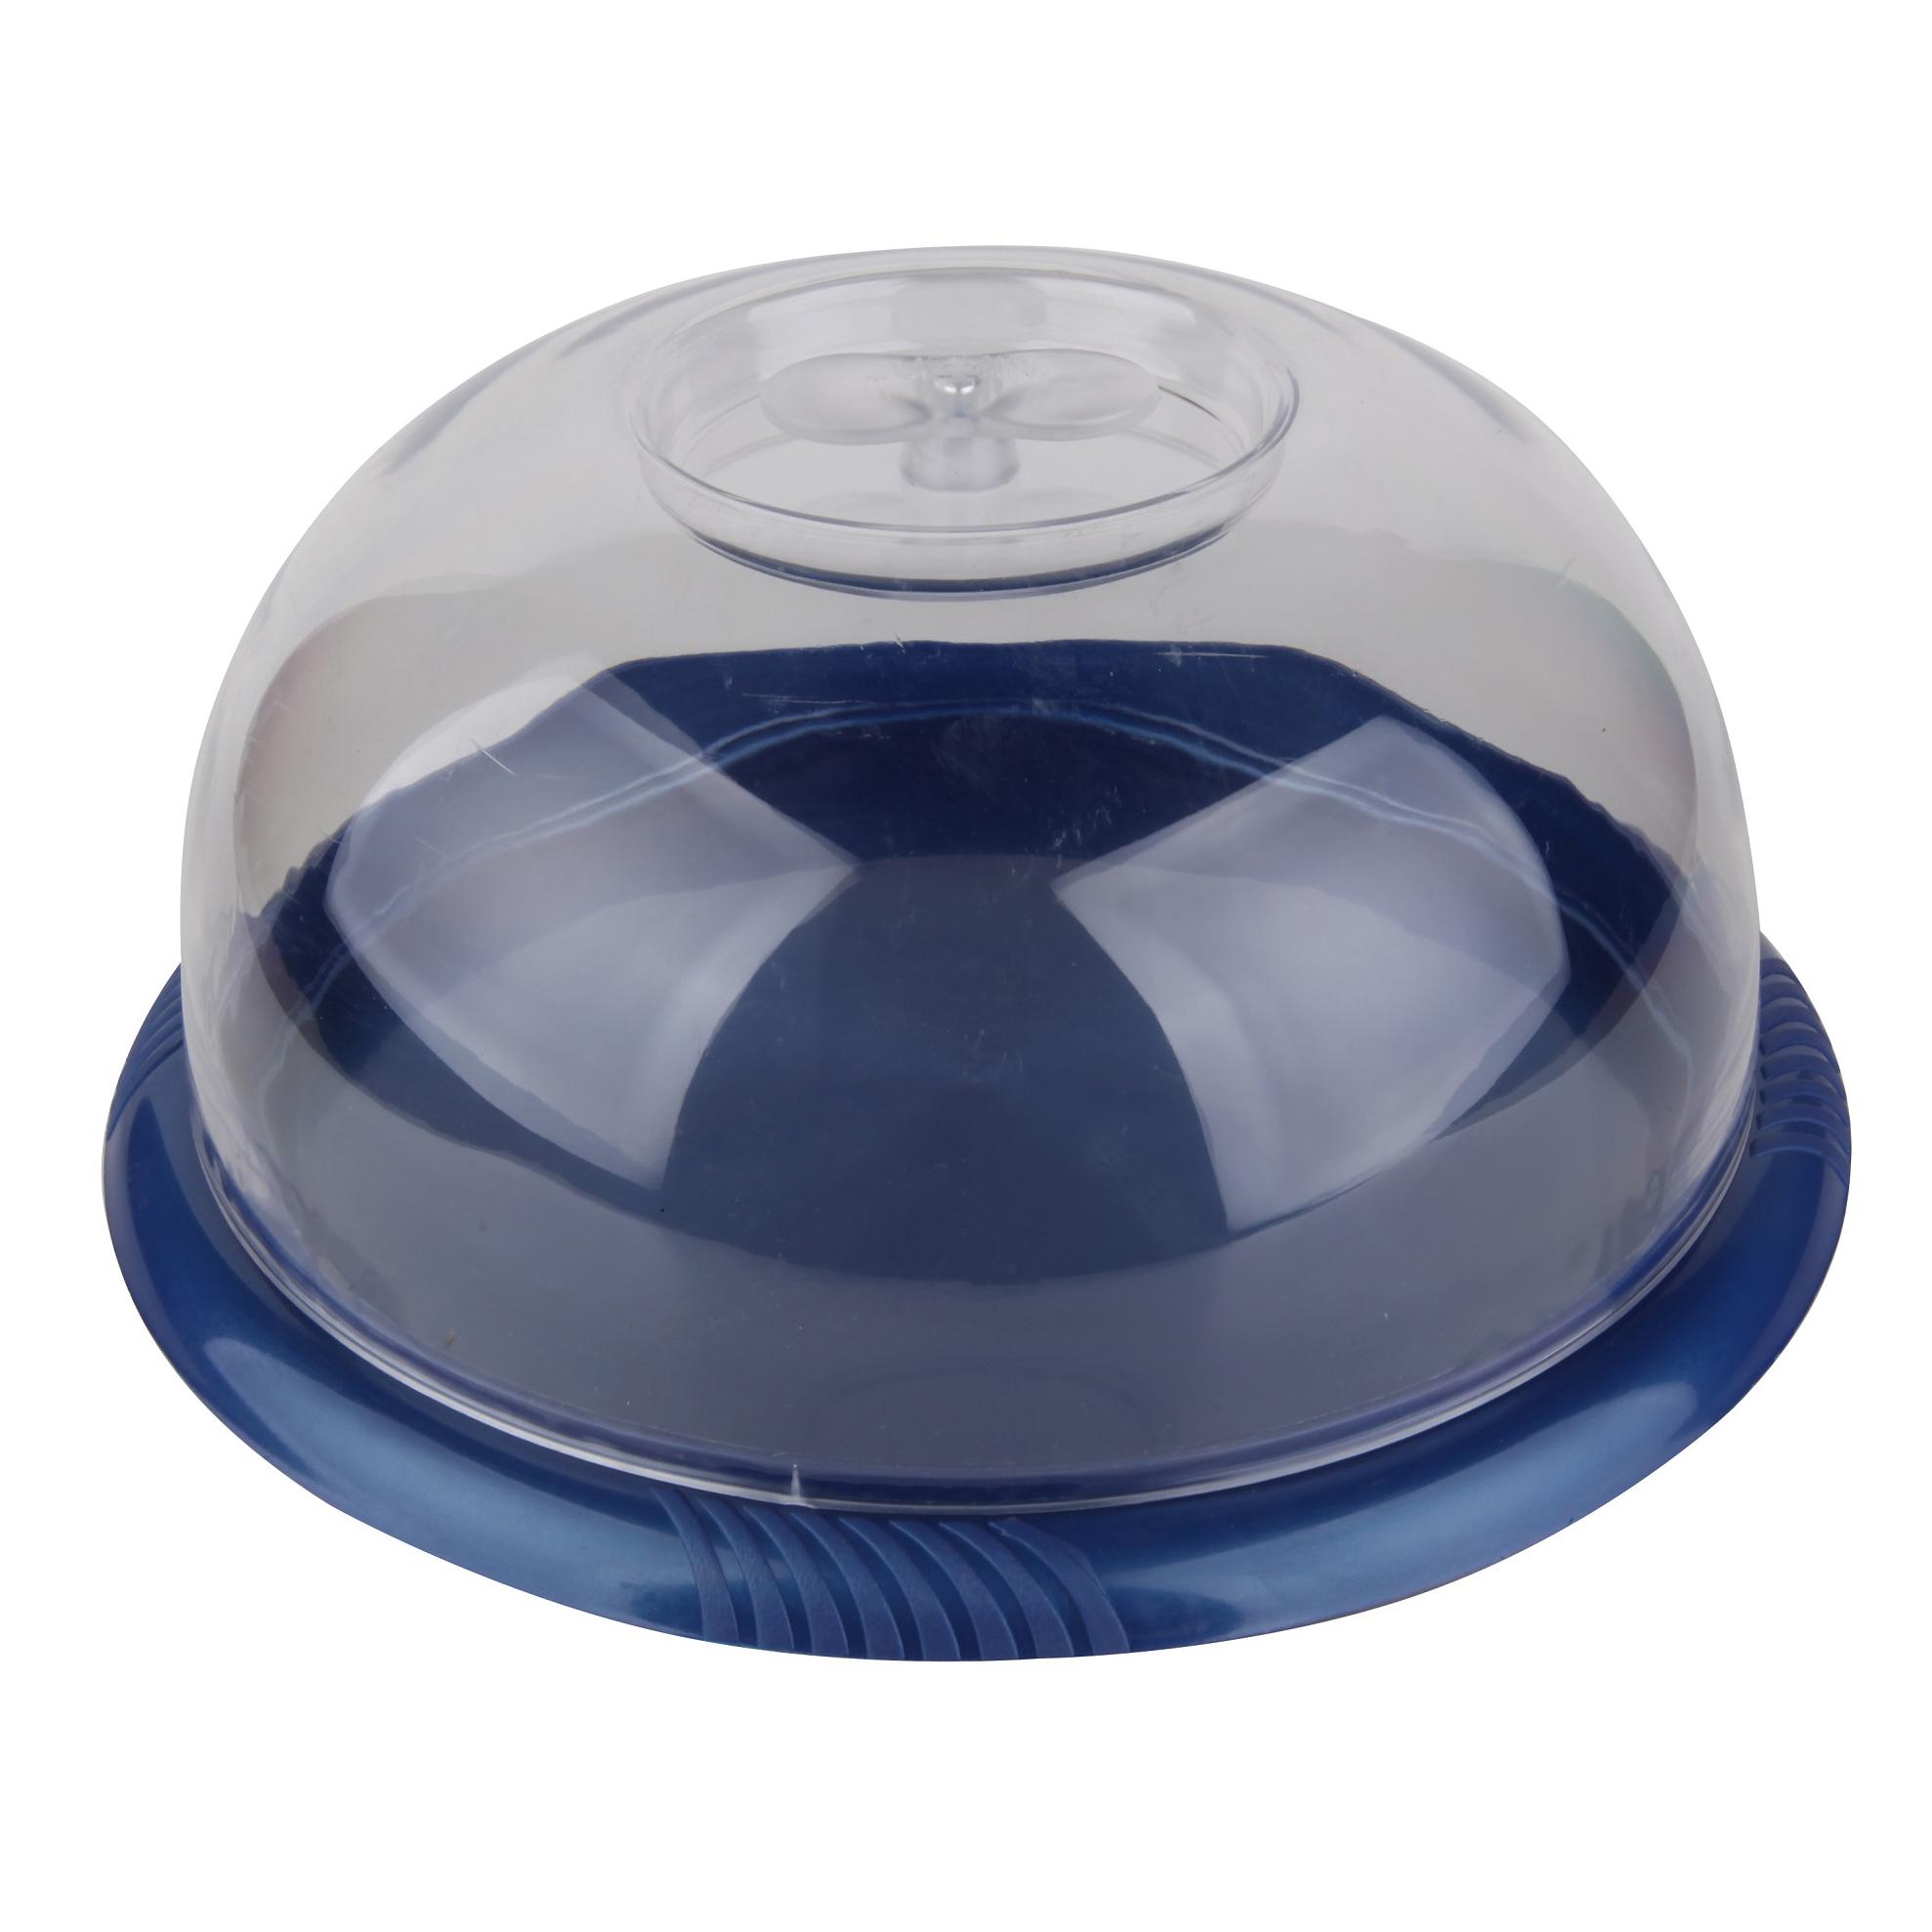 ظرف سرو کیک یکبار مصرف مدل ST111